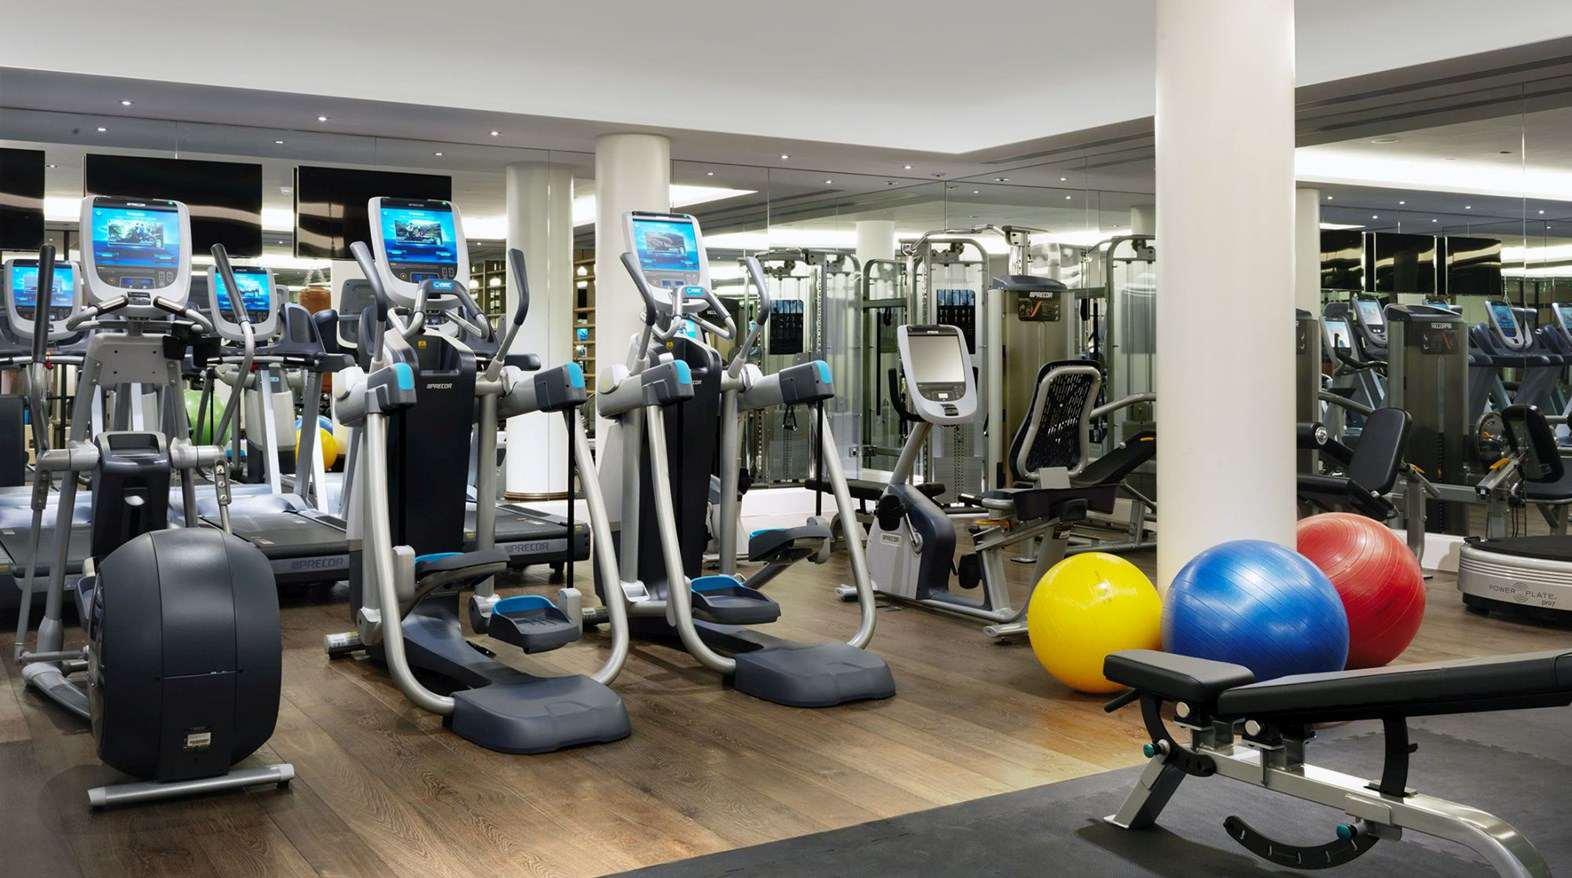 Firmdale Hotel gym